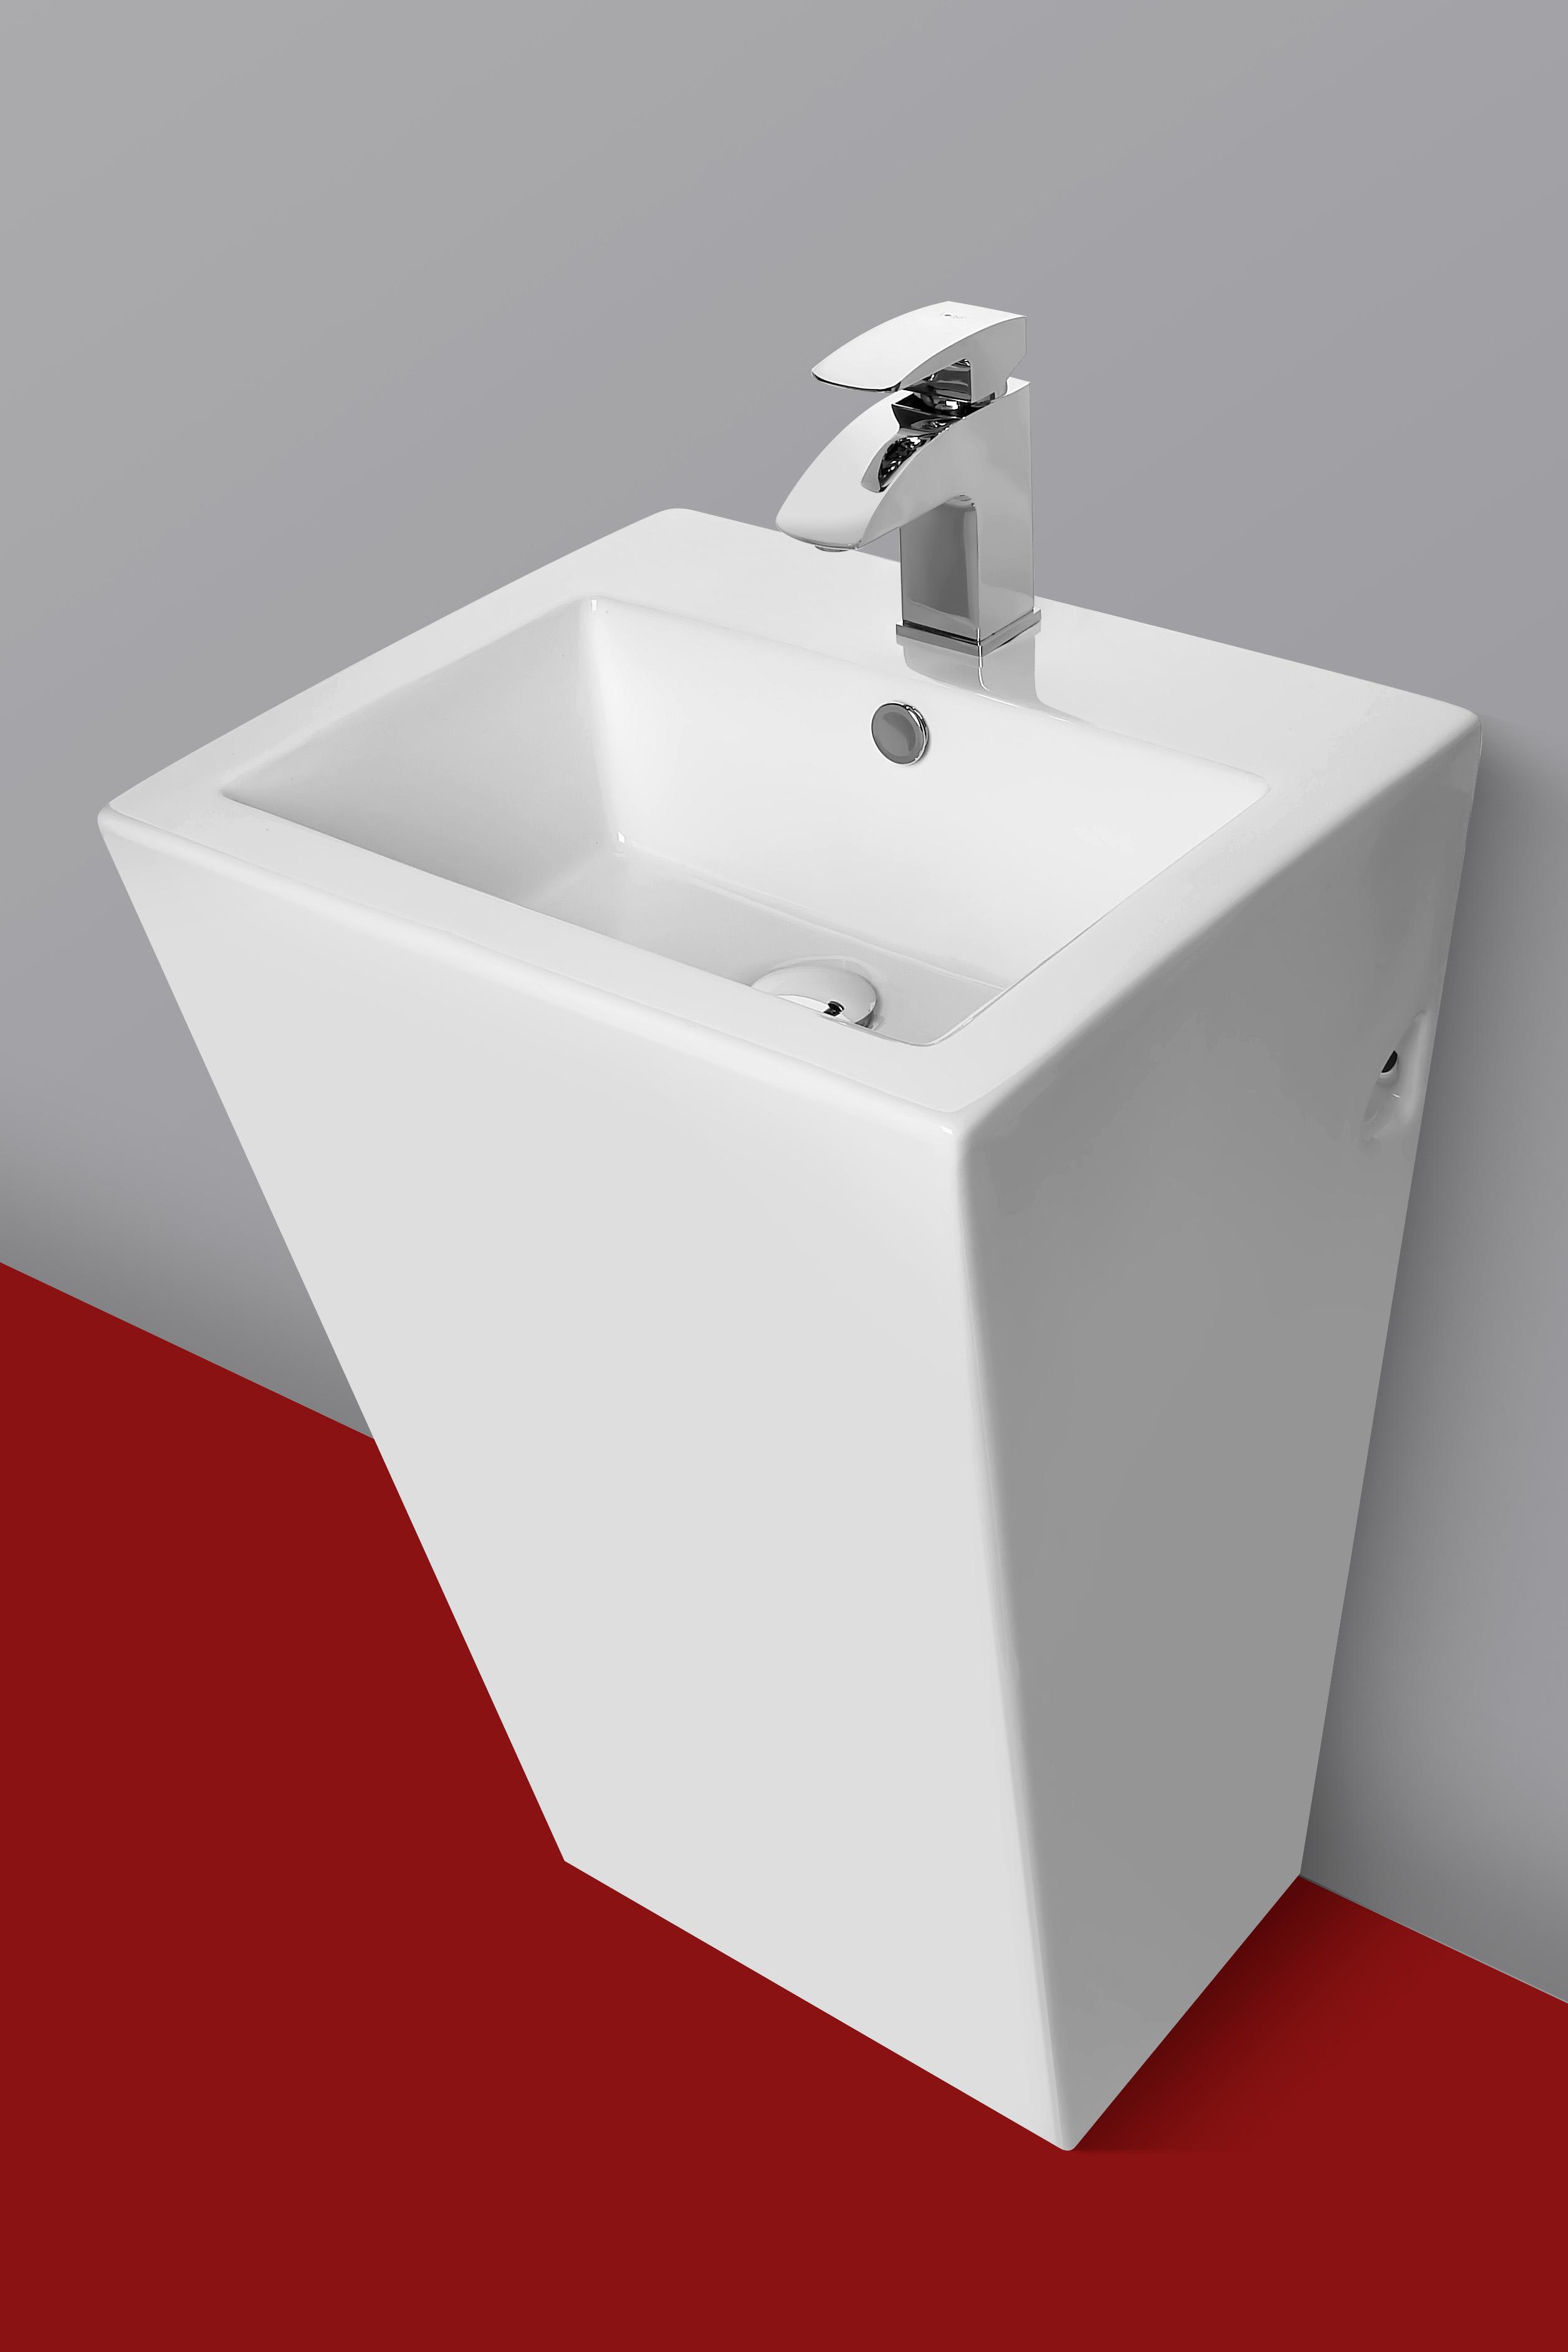 Waschbecken Verschluss : Design waschbecken stand waschtisch standwaschbecken